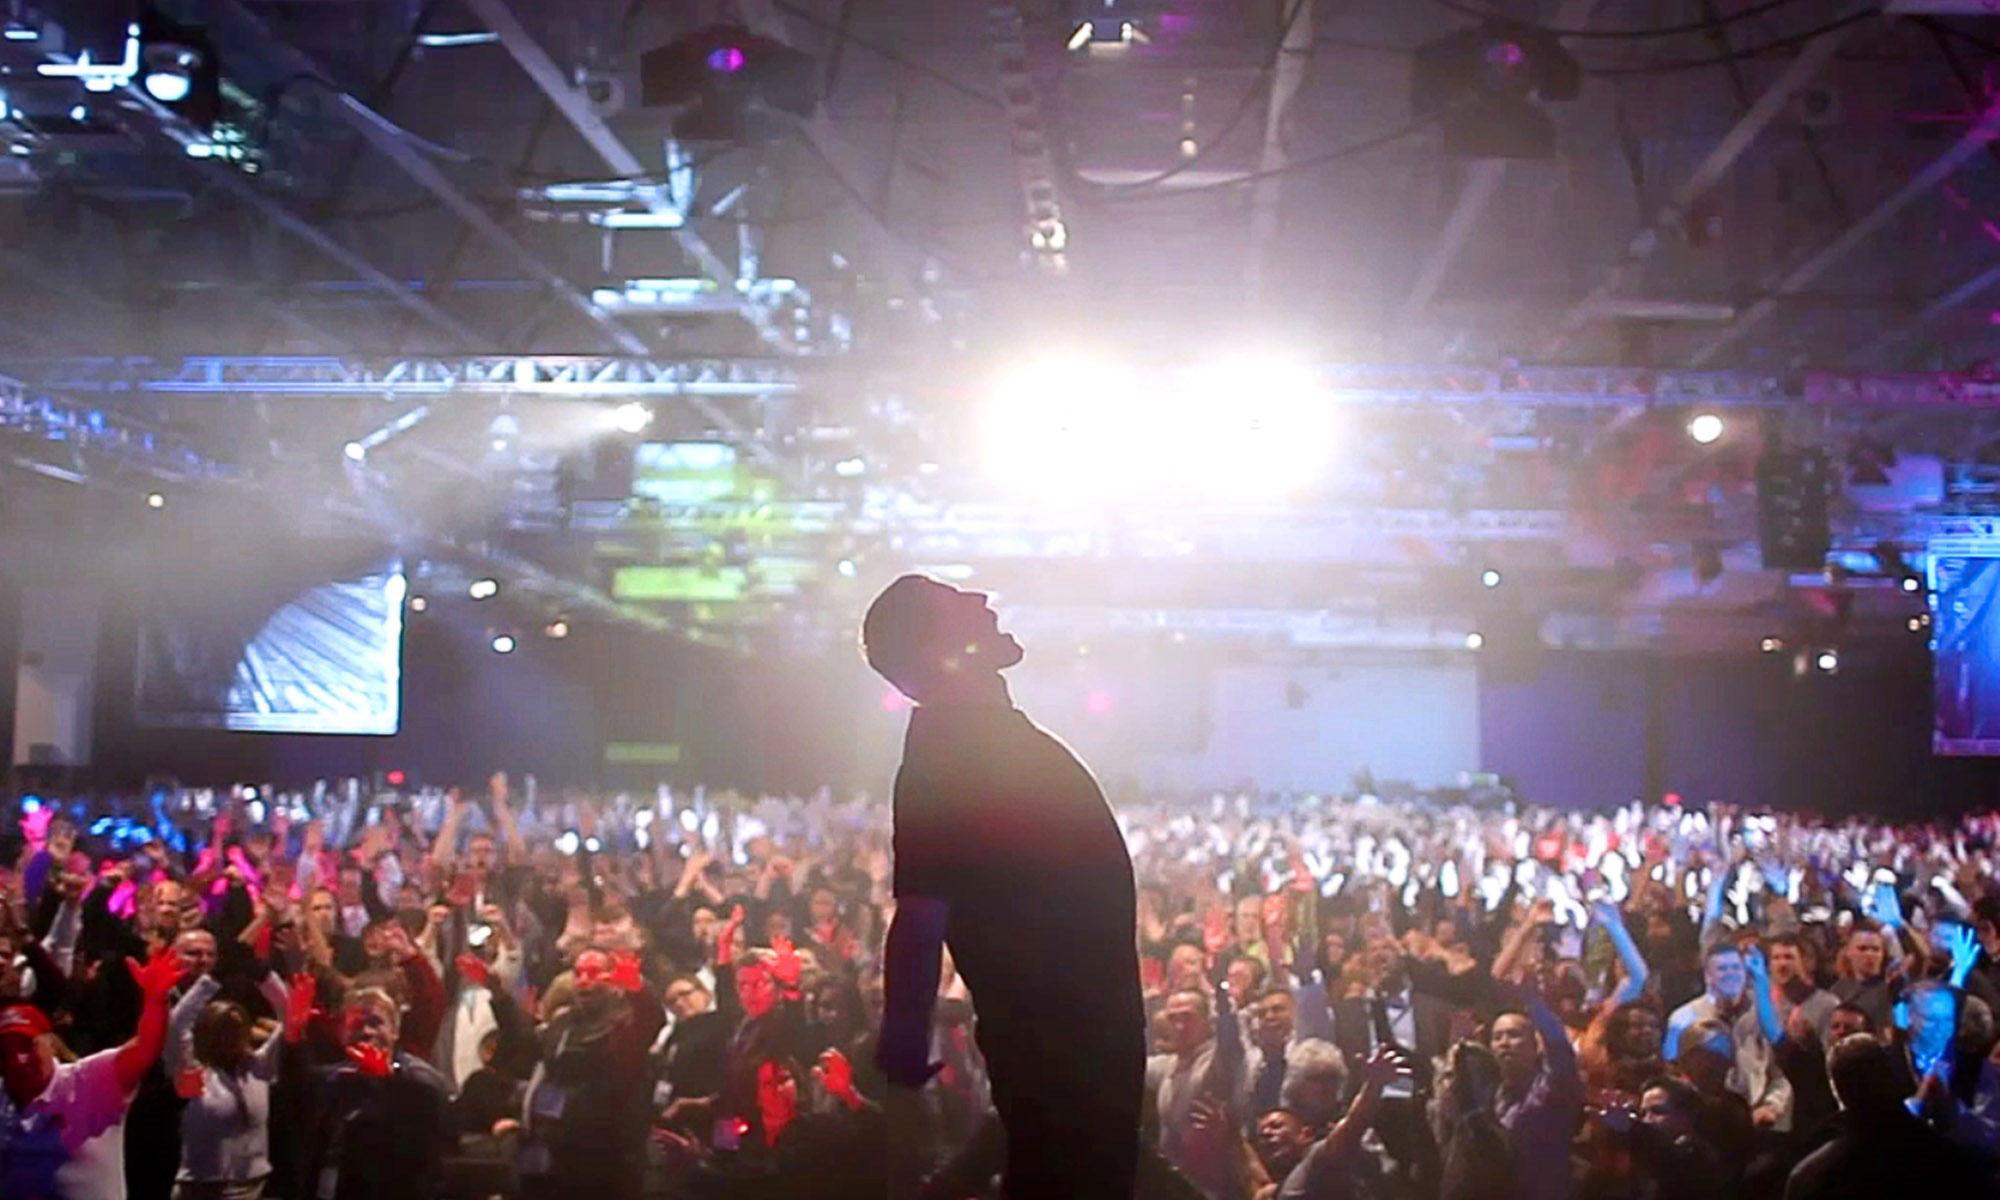 Estive na UPW London 2017, com Tony Robbins. Partilho consigo o que aprendi.